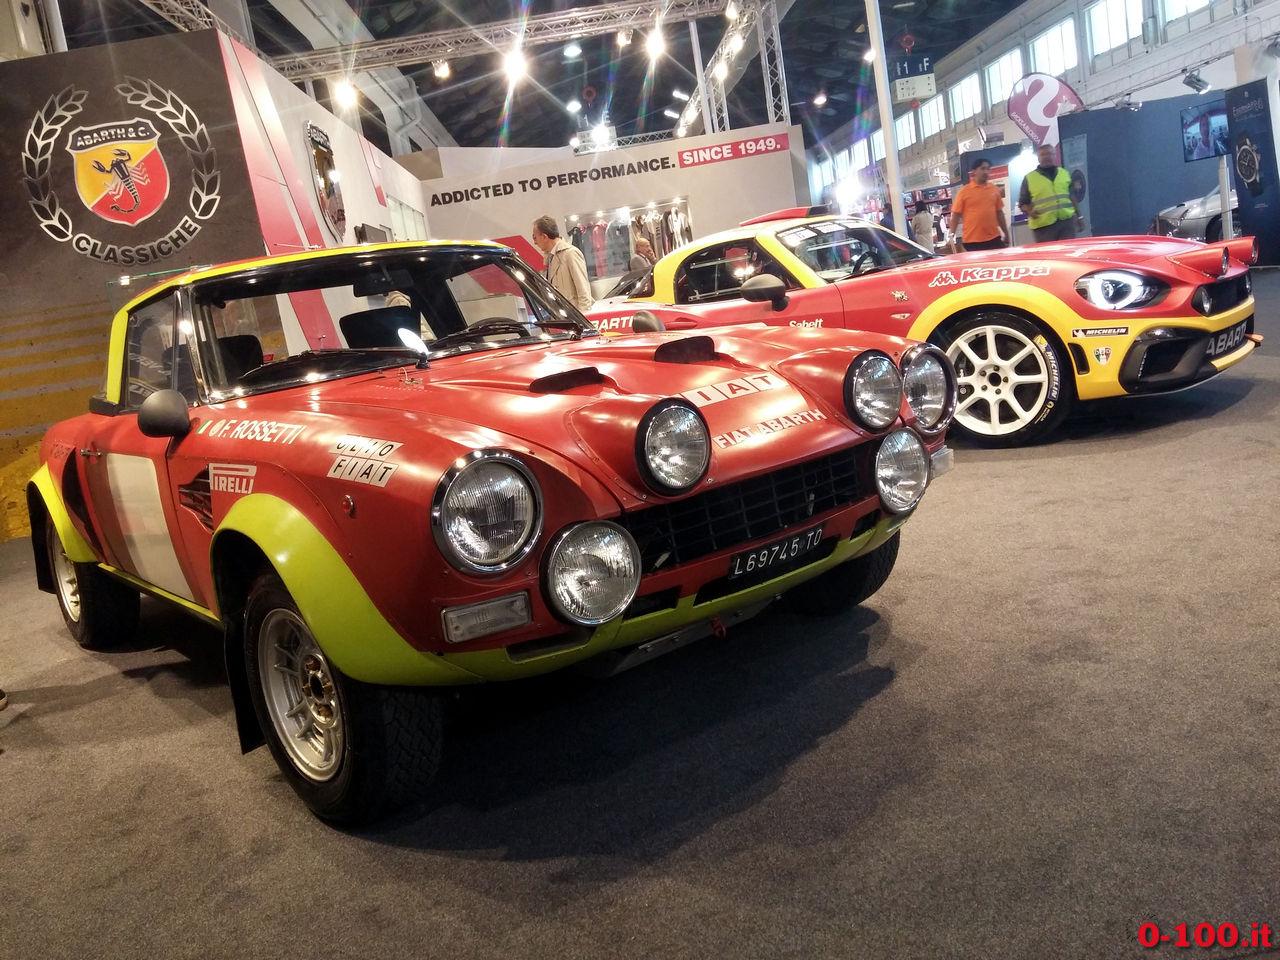 automotodepoca-2016-fiat-abarth-car-market-mercato-auto-prezzo-price_0-1008